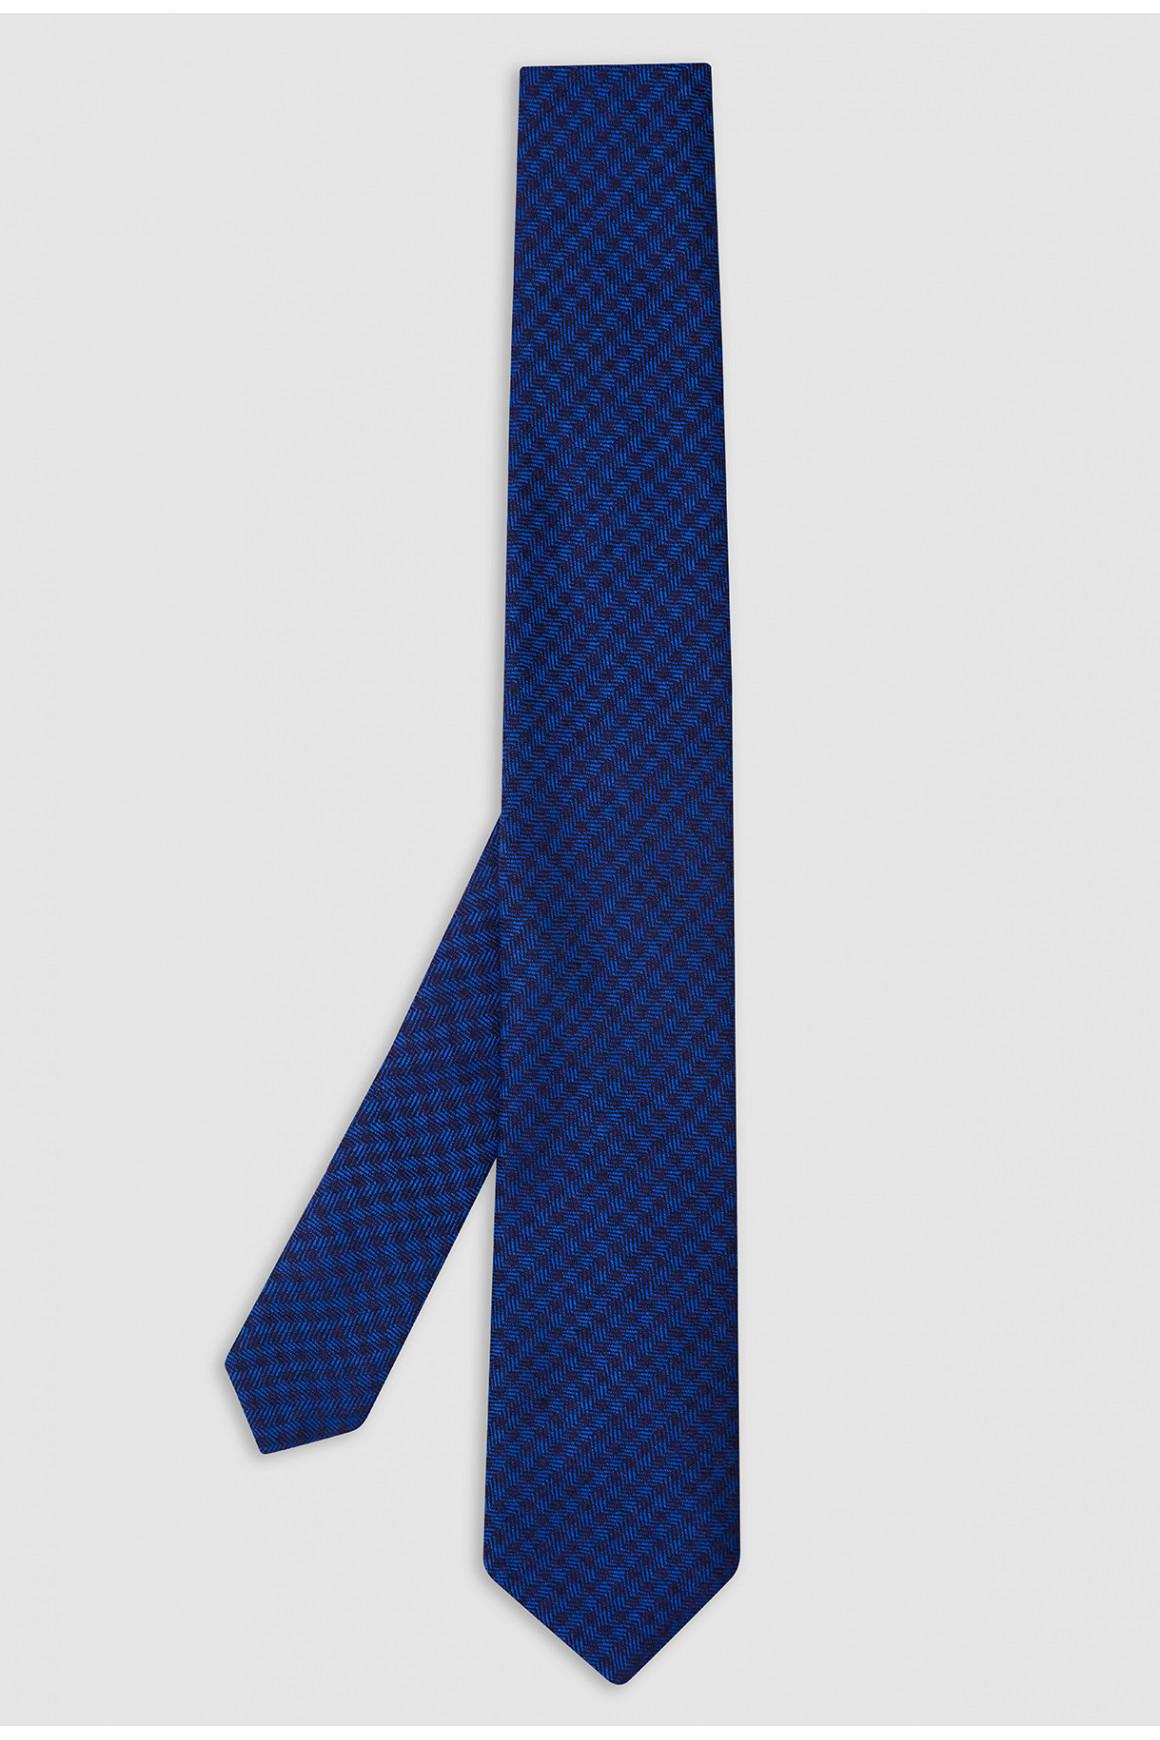 Cravate Bleu Soie Et Cachemire